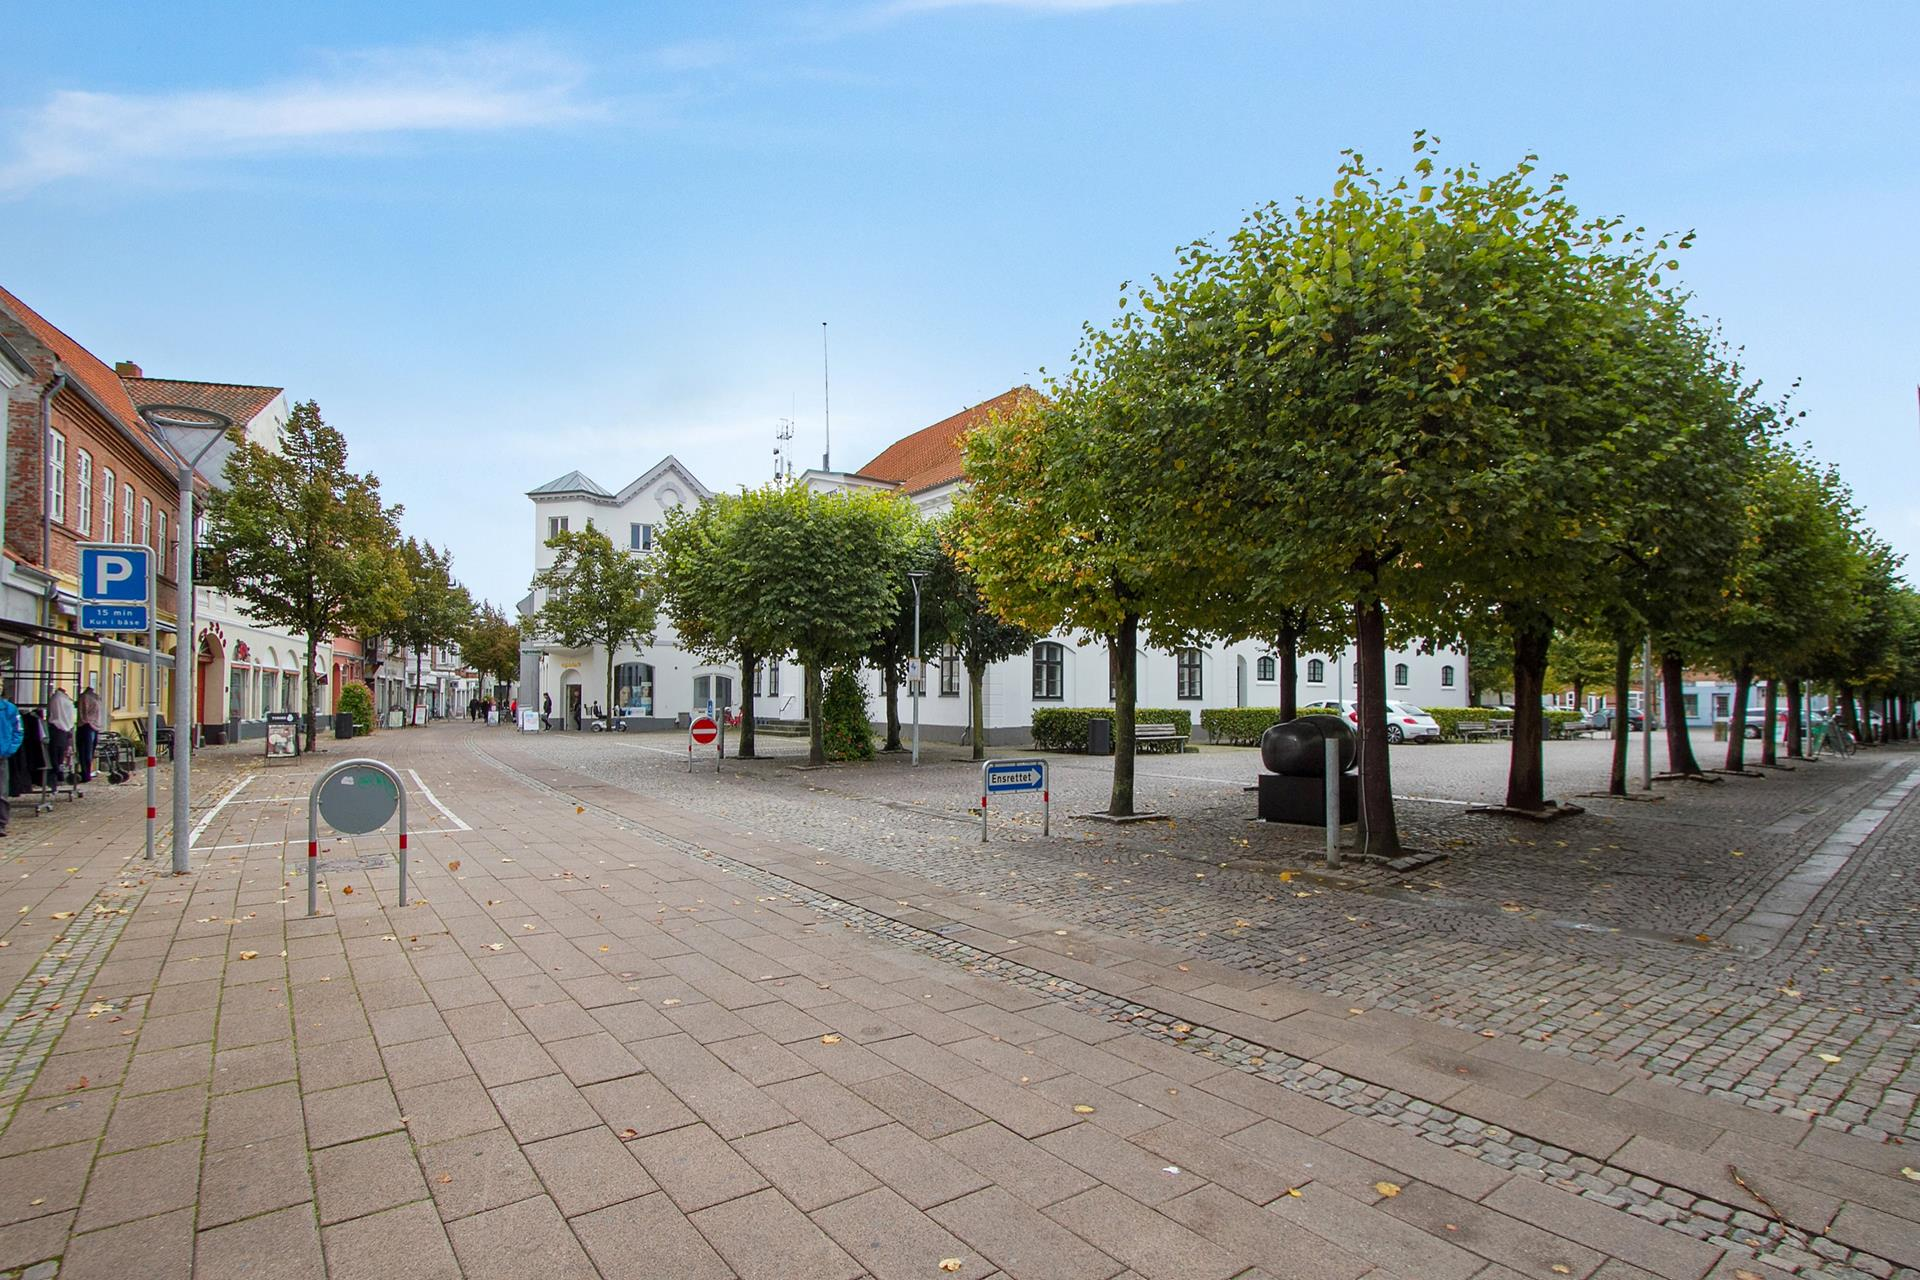 Bolig/erhverv på Algade i Korsør - Standard udendørs